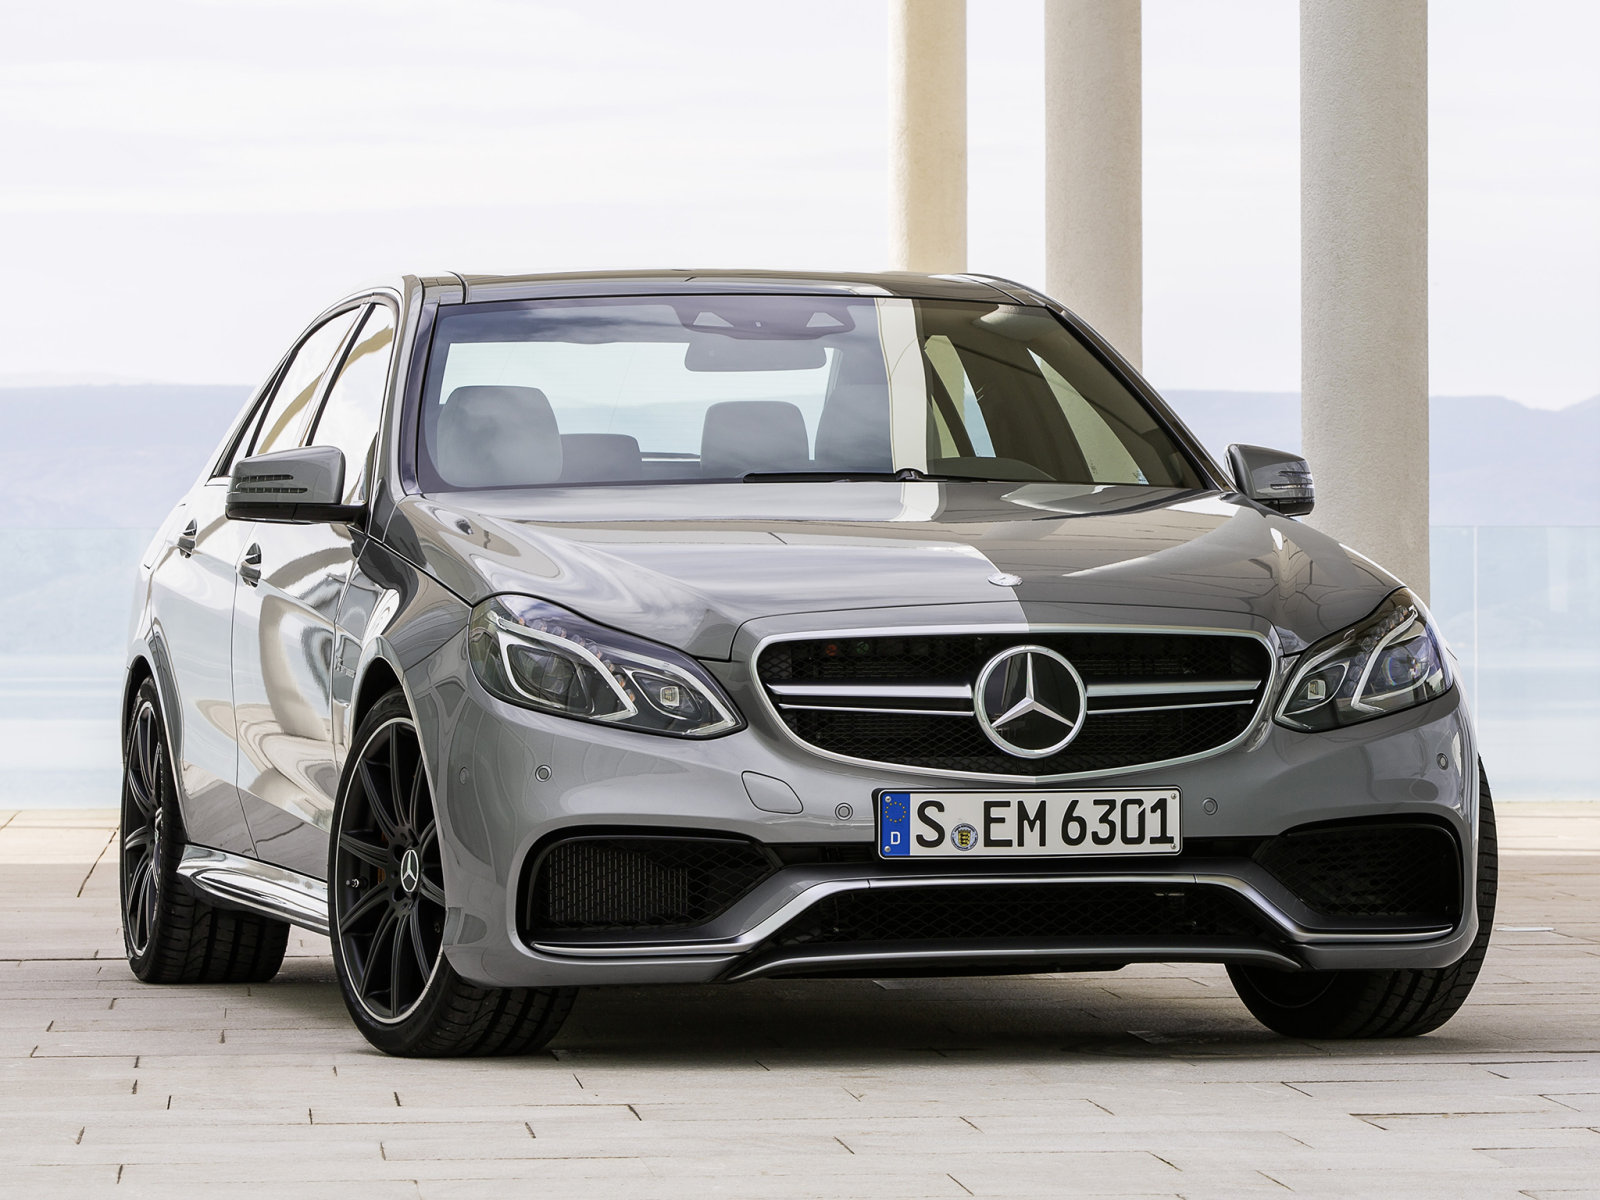 Фотографии автомобилей Mercedes E-Class / Мерседес Е-Класс (2013 ...